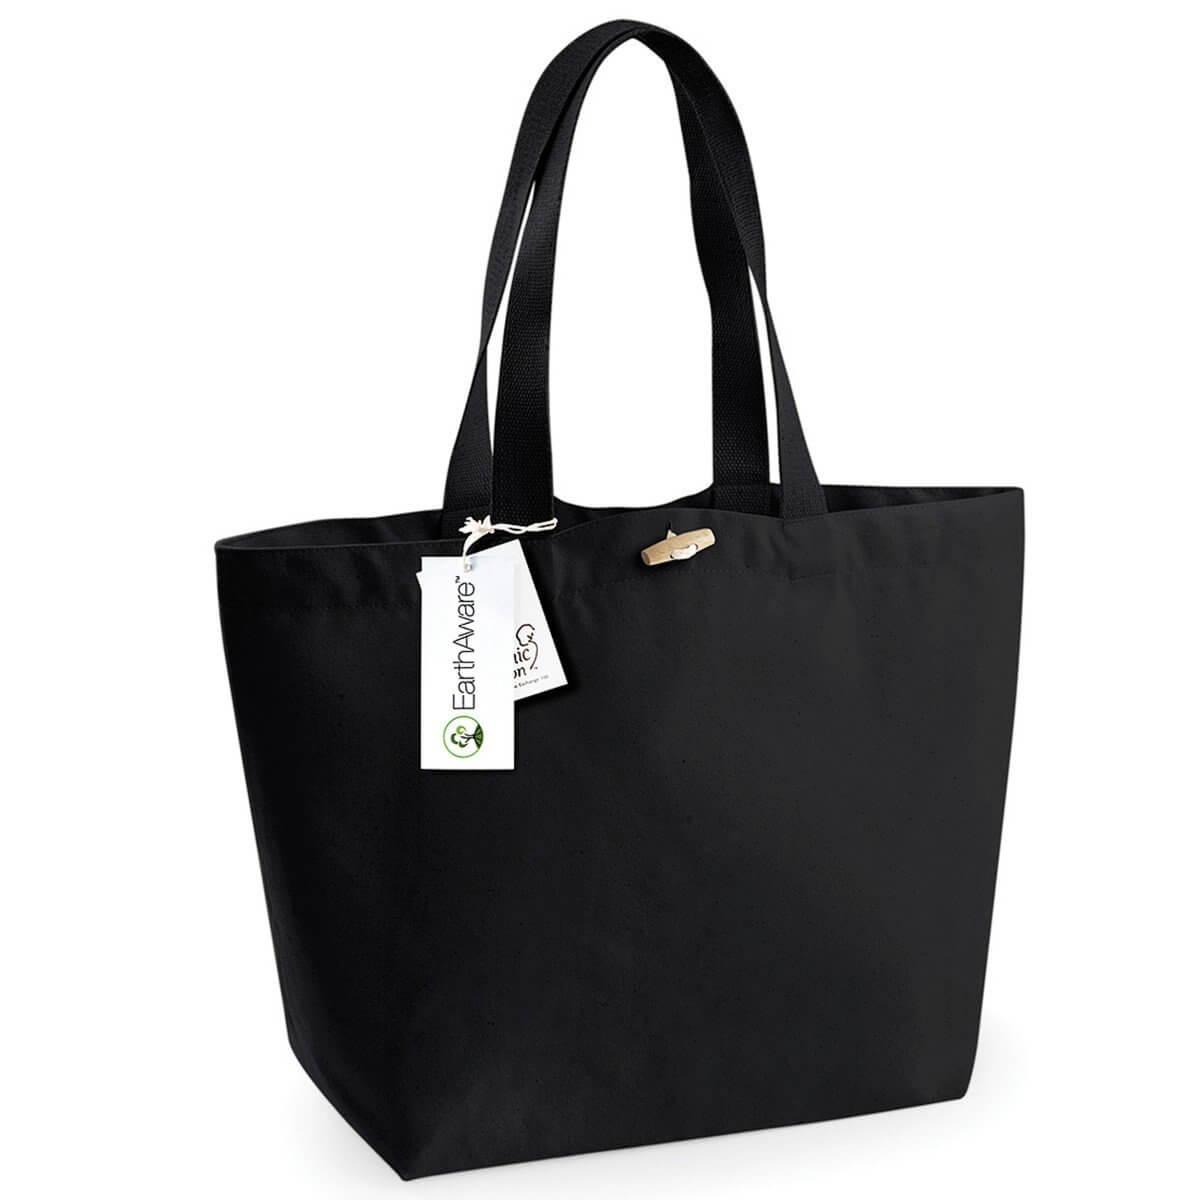 Boating Premium Tote Bag